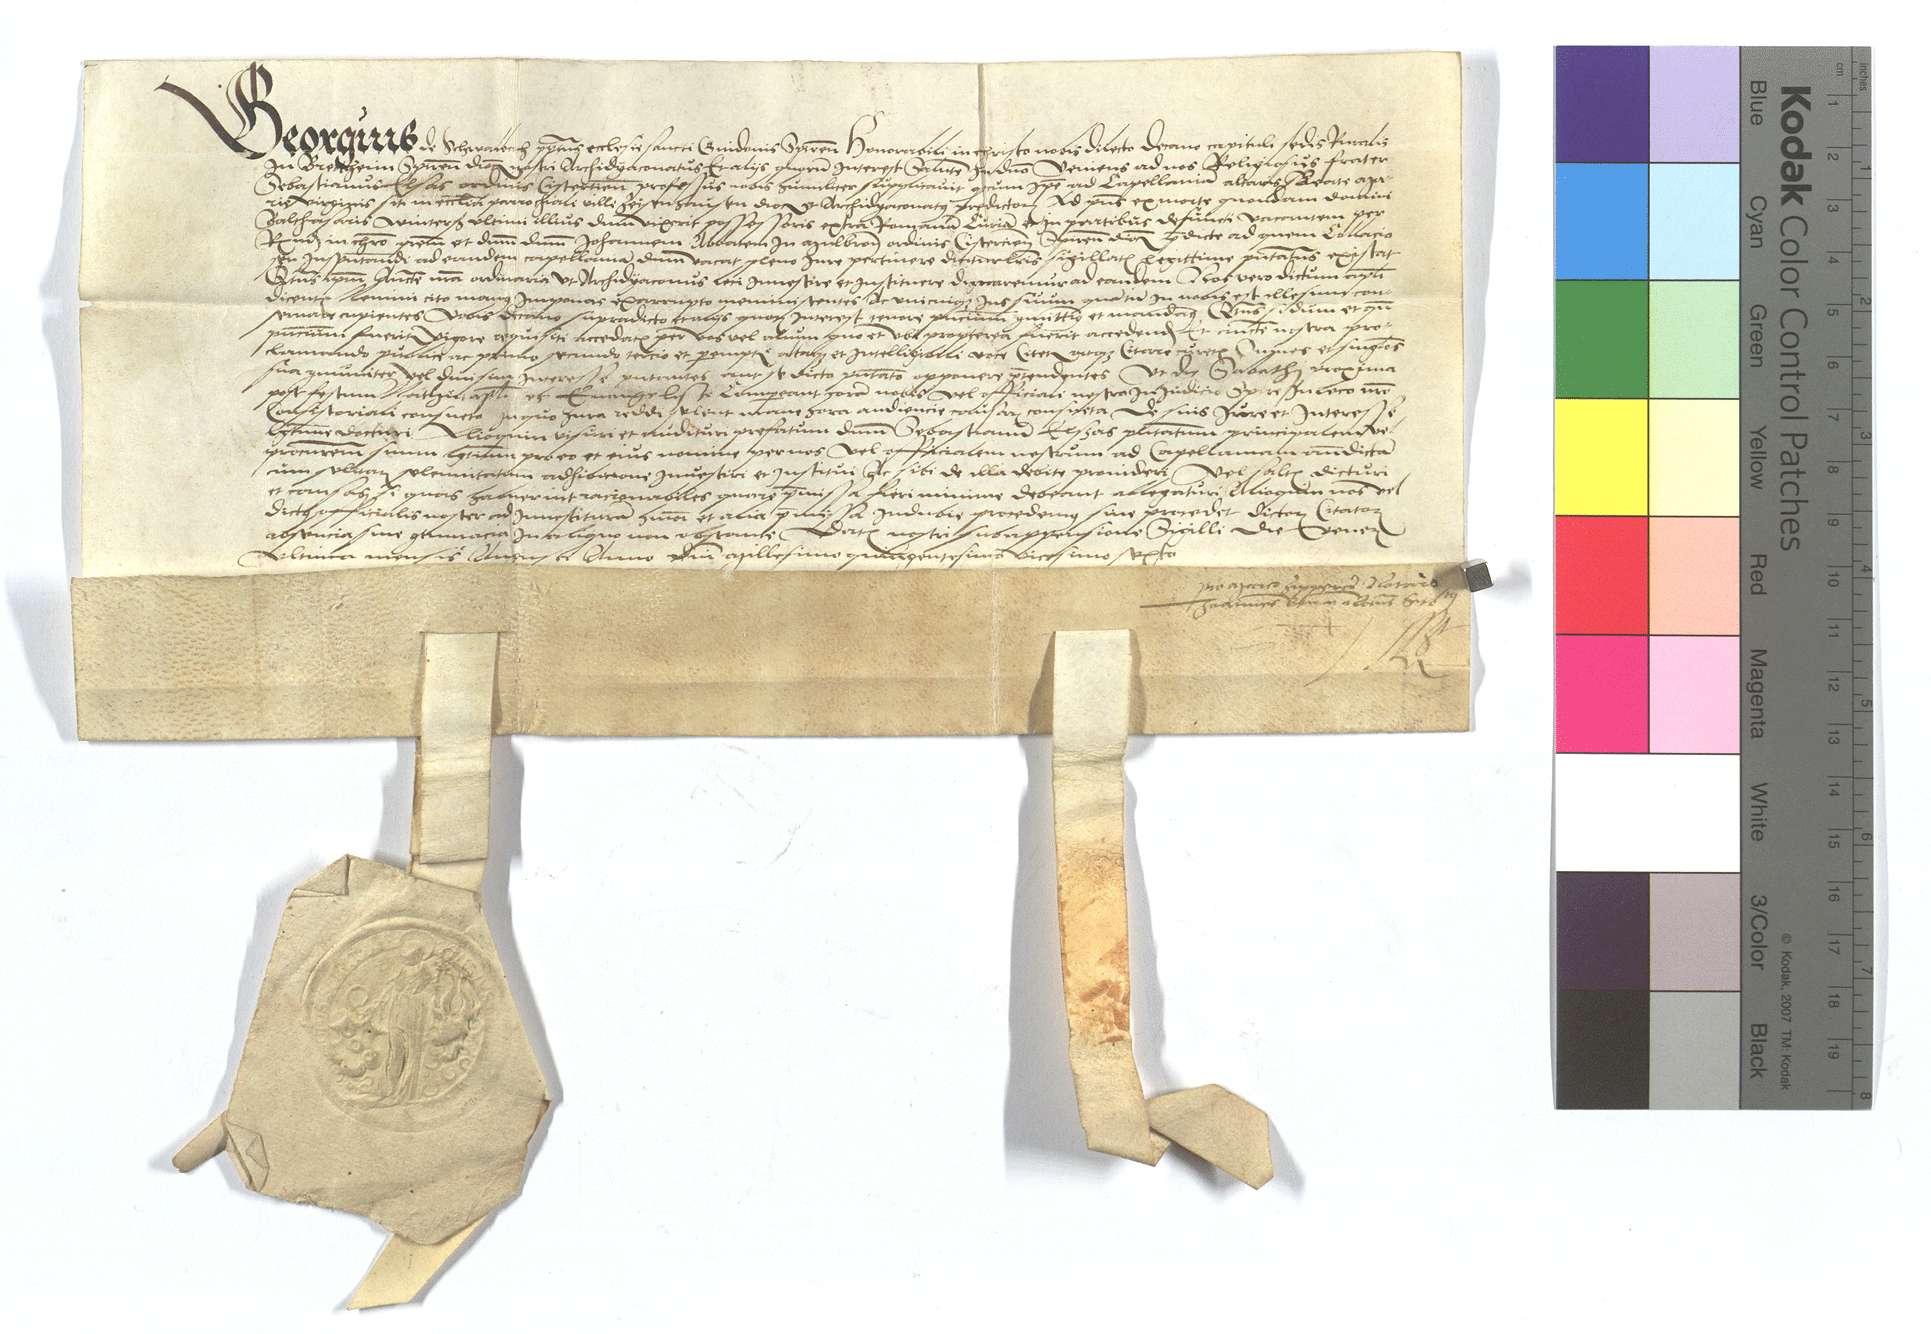 Mandat an den Dekan von Bretten (Bretheim), den Religiosus Sebastian Elsas als Kaplan von Zaisenhausen zu proklamieren., Text Plica